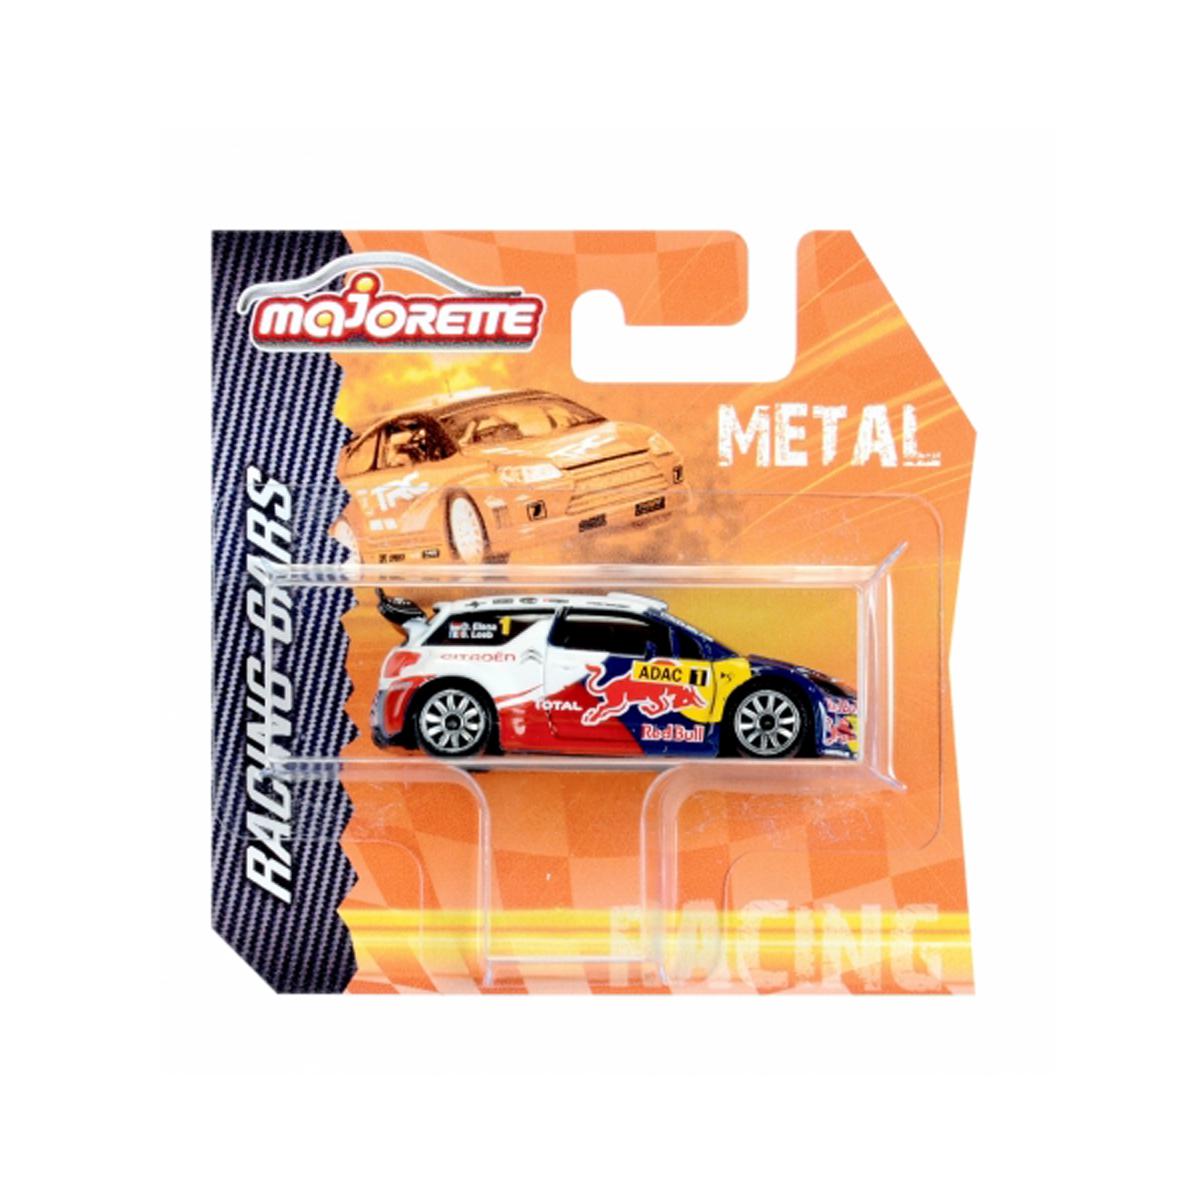 Racing - Majorette